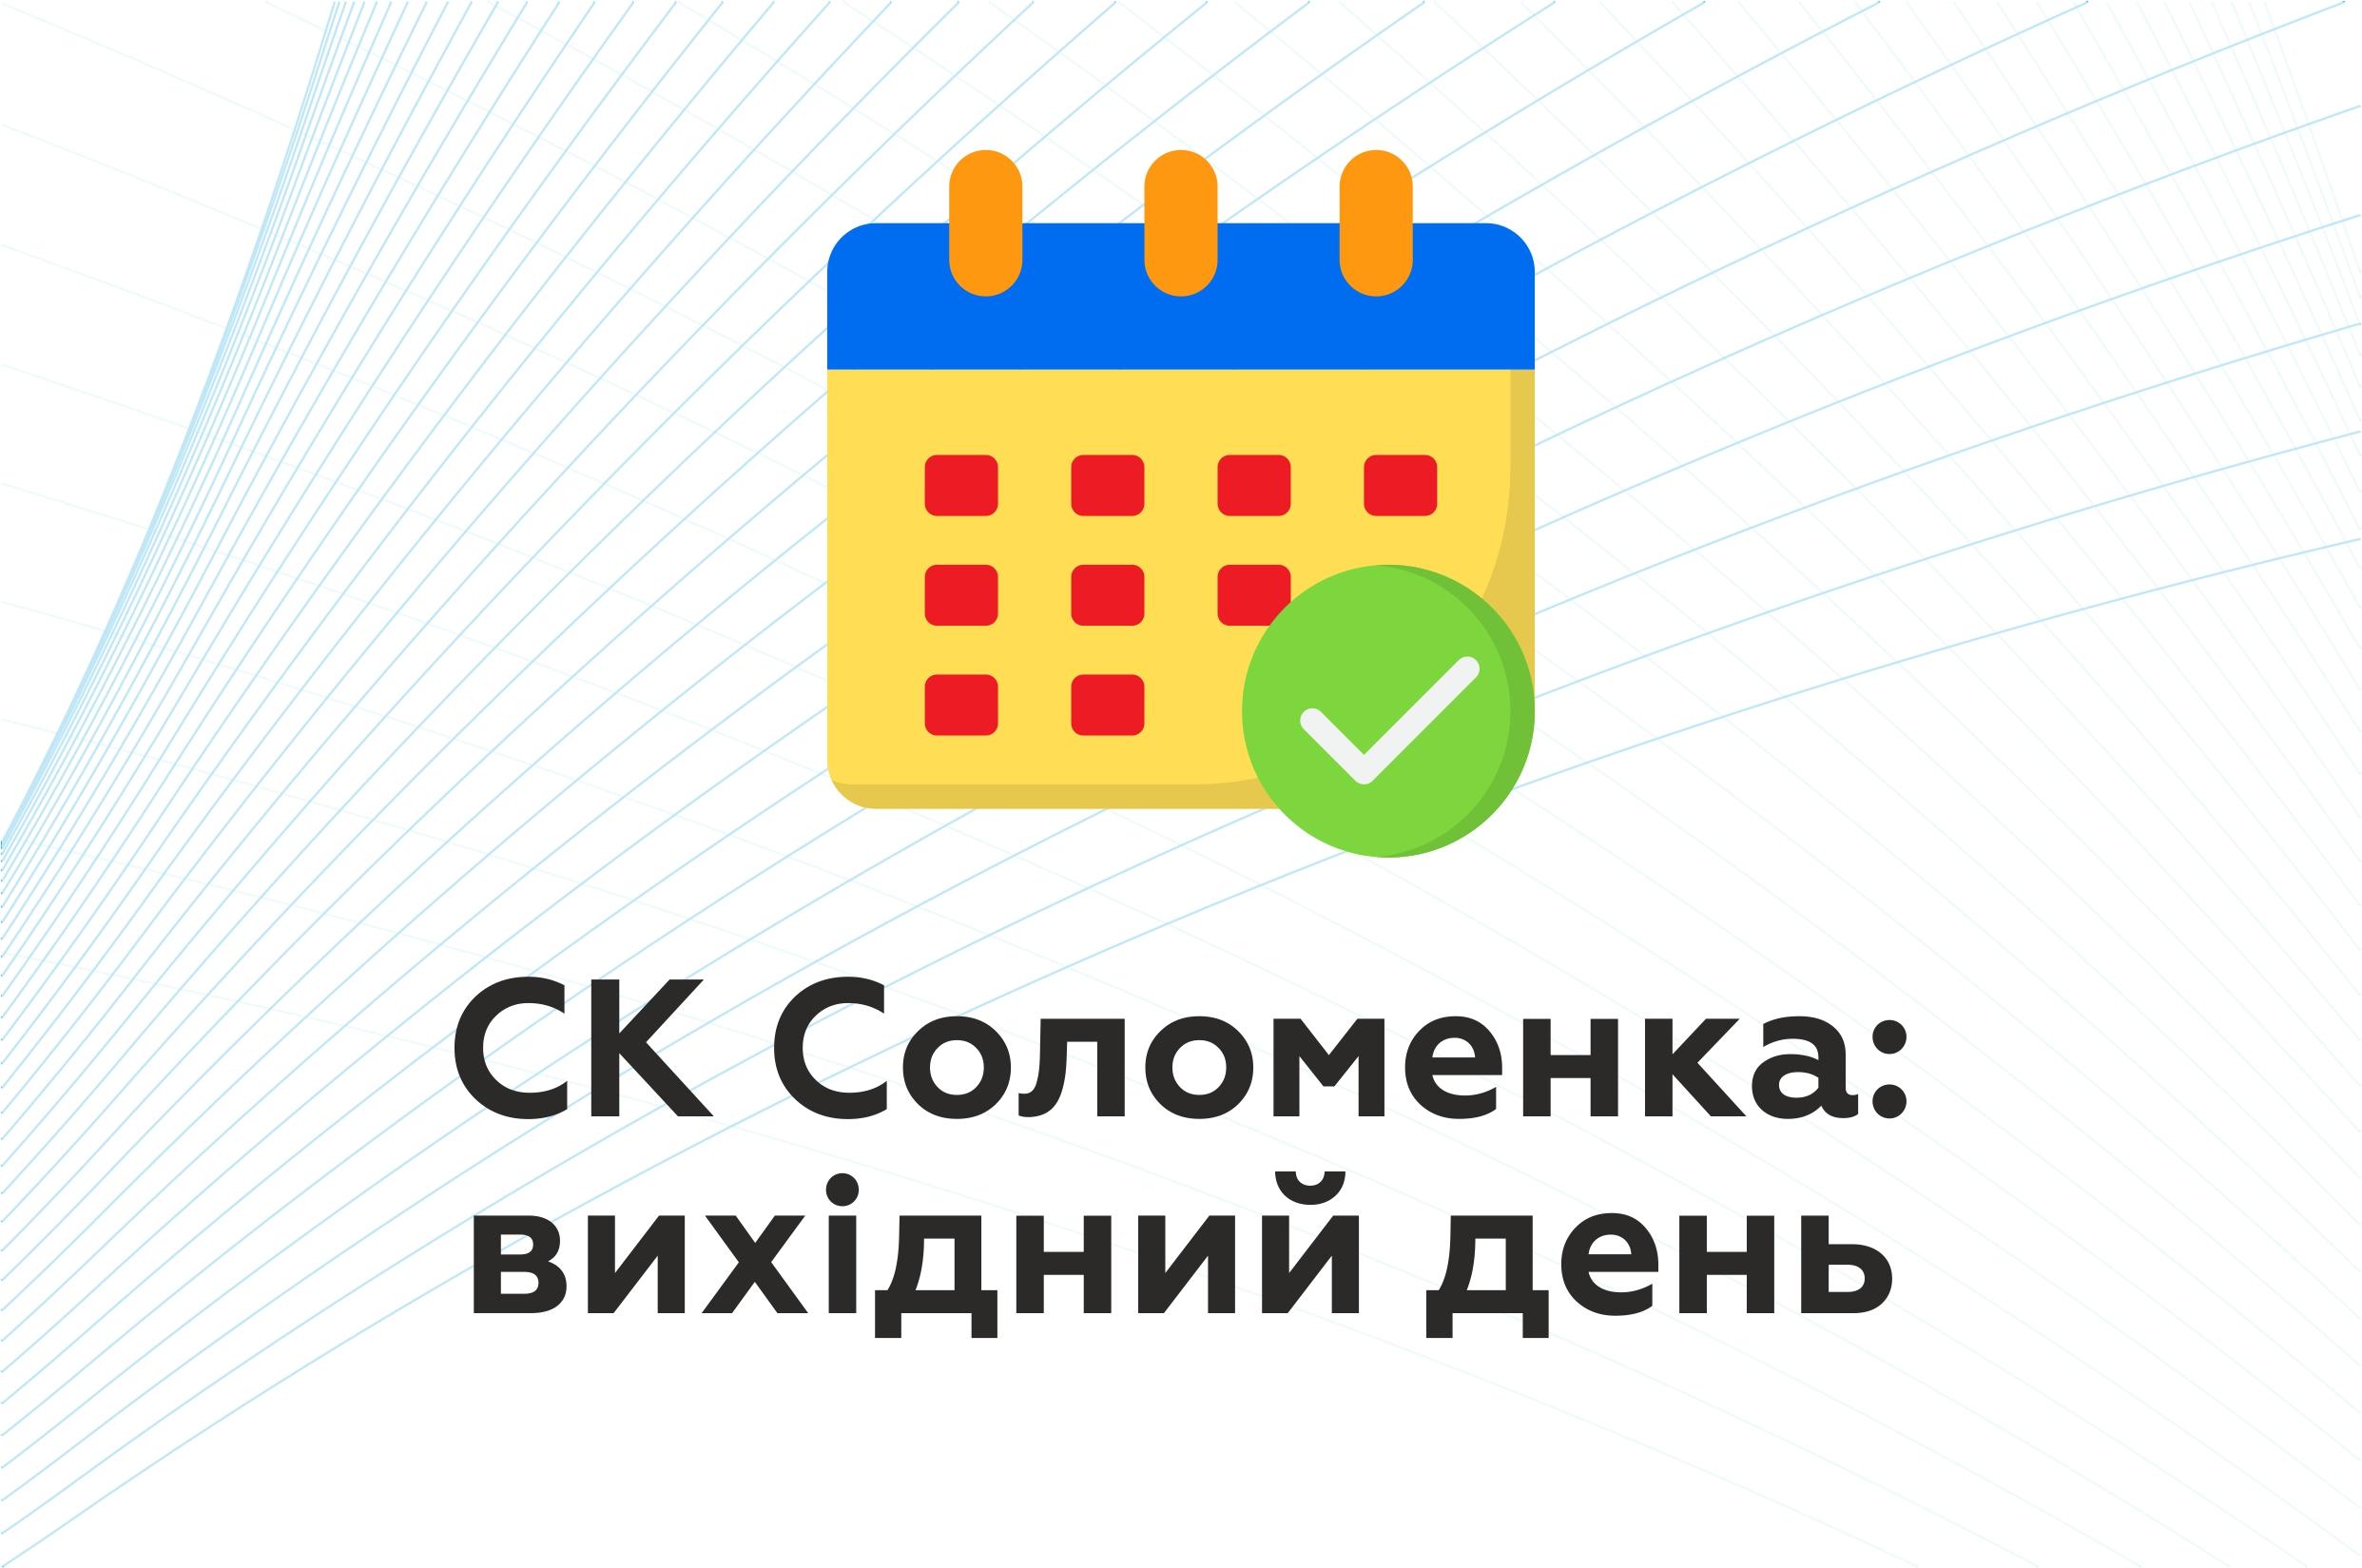 Выходной день: СК Соломенка